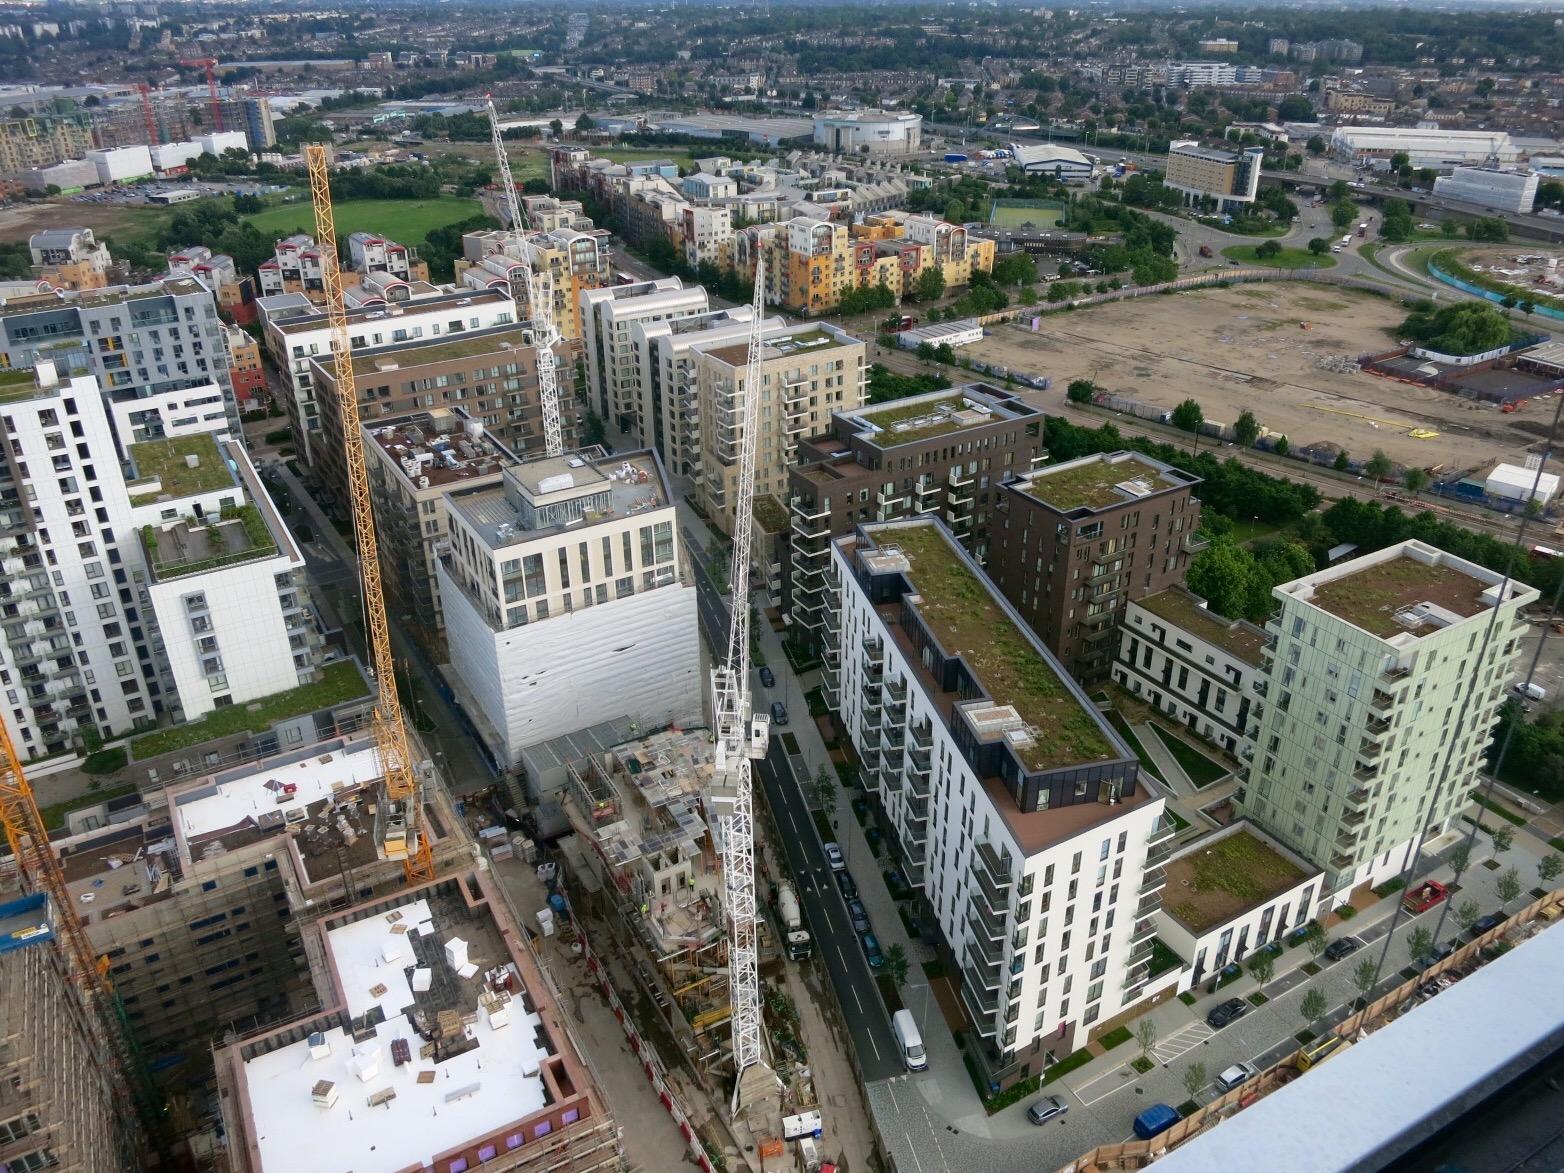 Construction progress of Lower Riverside and Parkside developments, June 2016 [greenpenlondon]